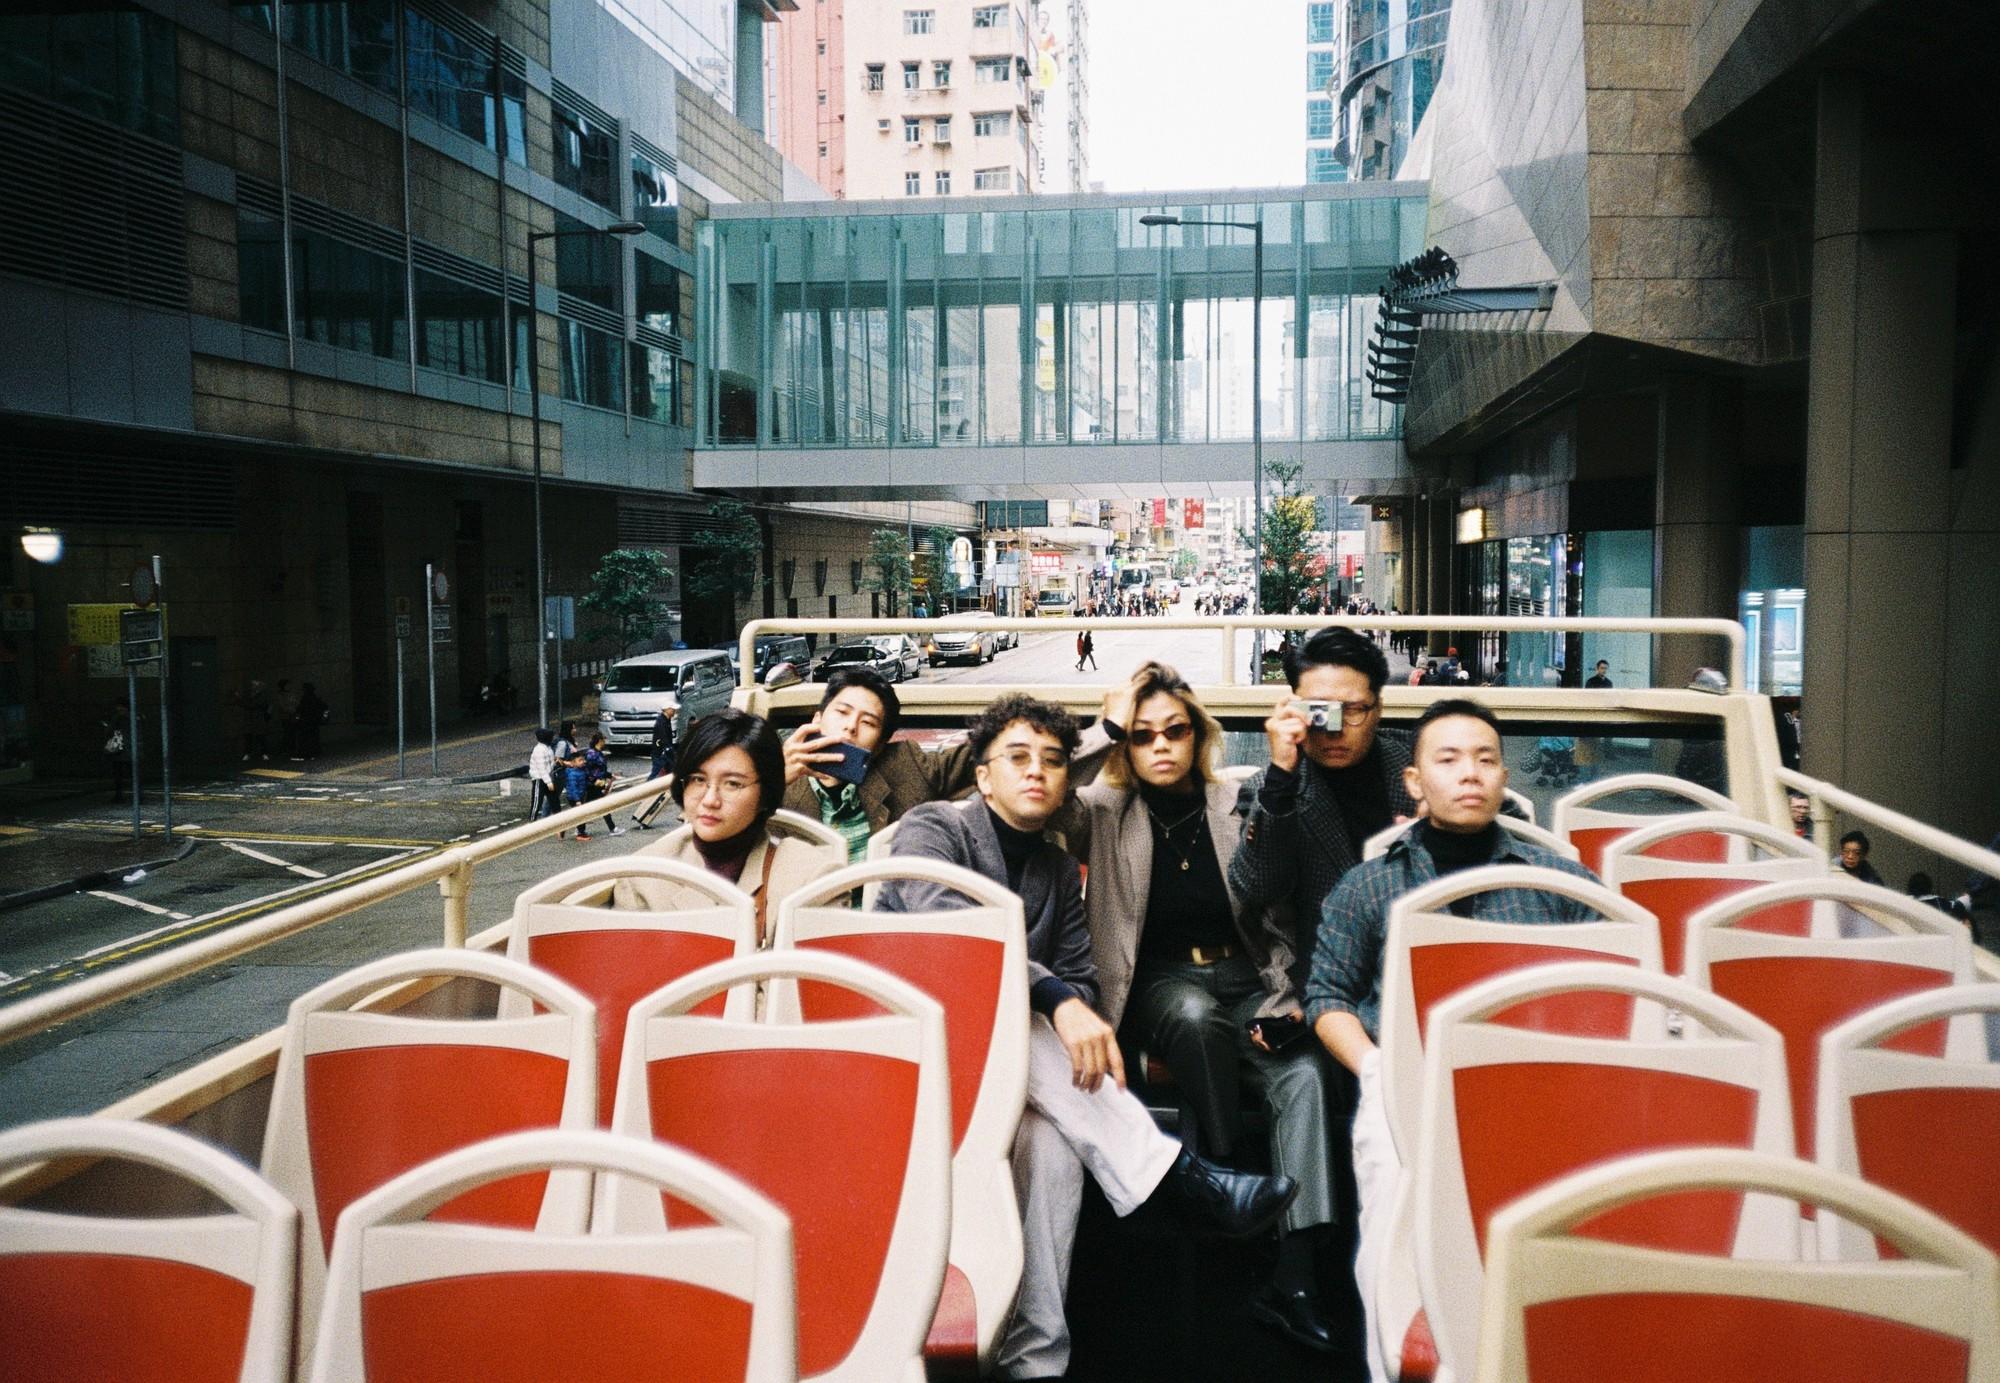 Hong Kong đẹp đến ngỡ ngàng qua những thước ảnh film của chàng trai Sài Gòn: Ai mà ngờ những tấm hình này được chụp vào năm 2019 kia chứ! - Ảnh 6.